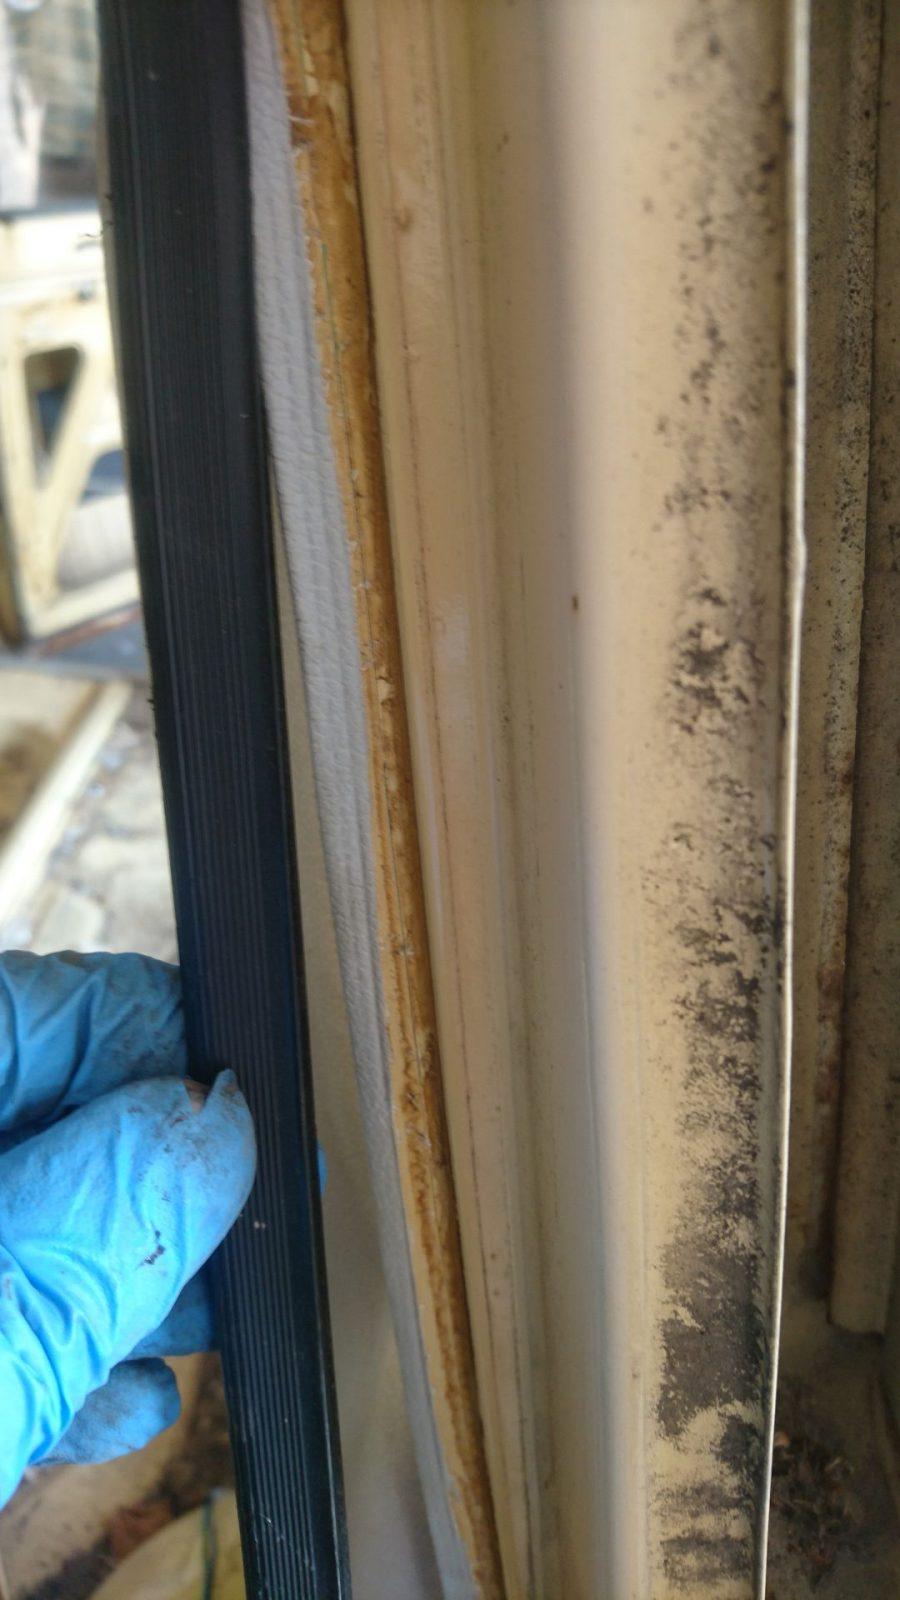 Aha, die Innenverkleidung ist unter den Kantenschutzgummis der Türöffnungen umgeschlagen worden.